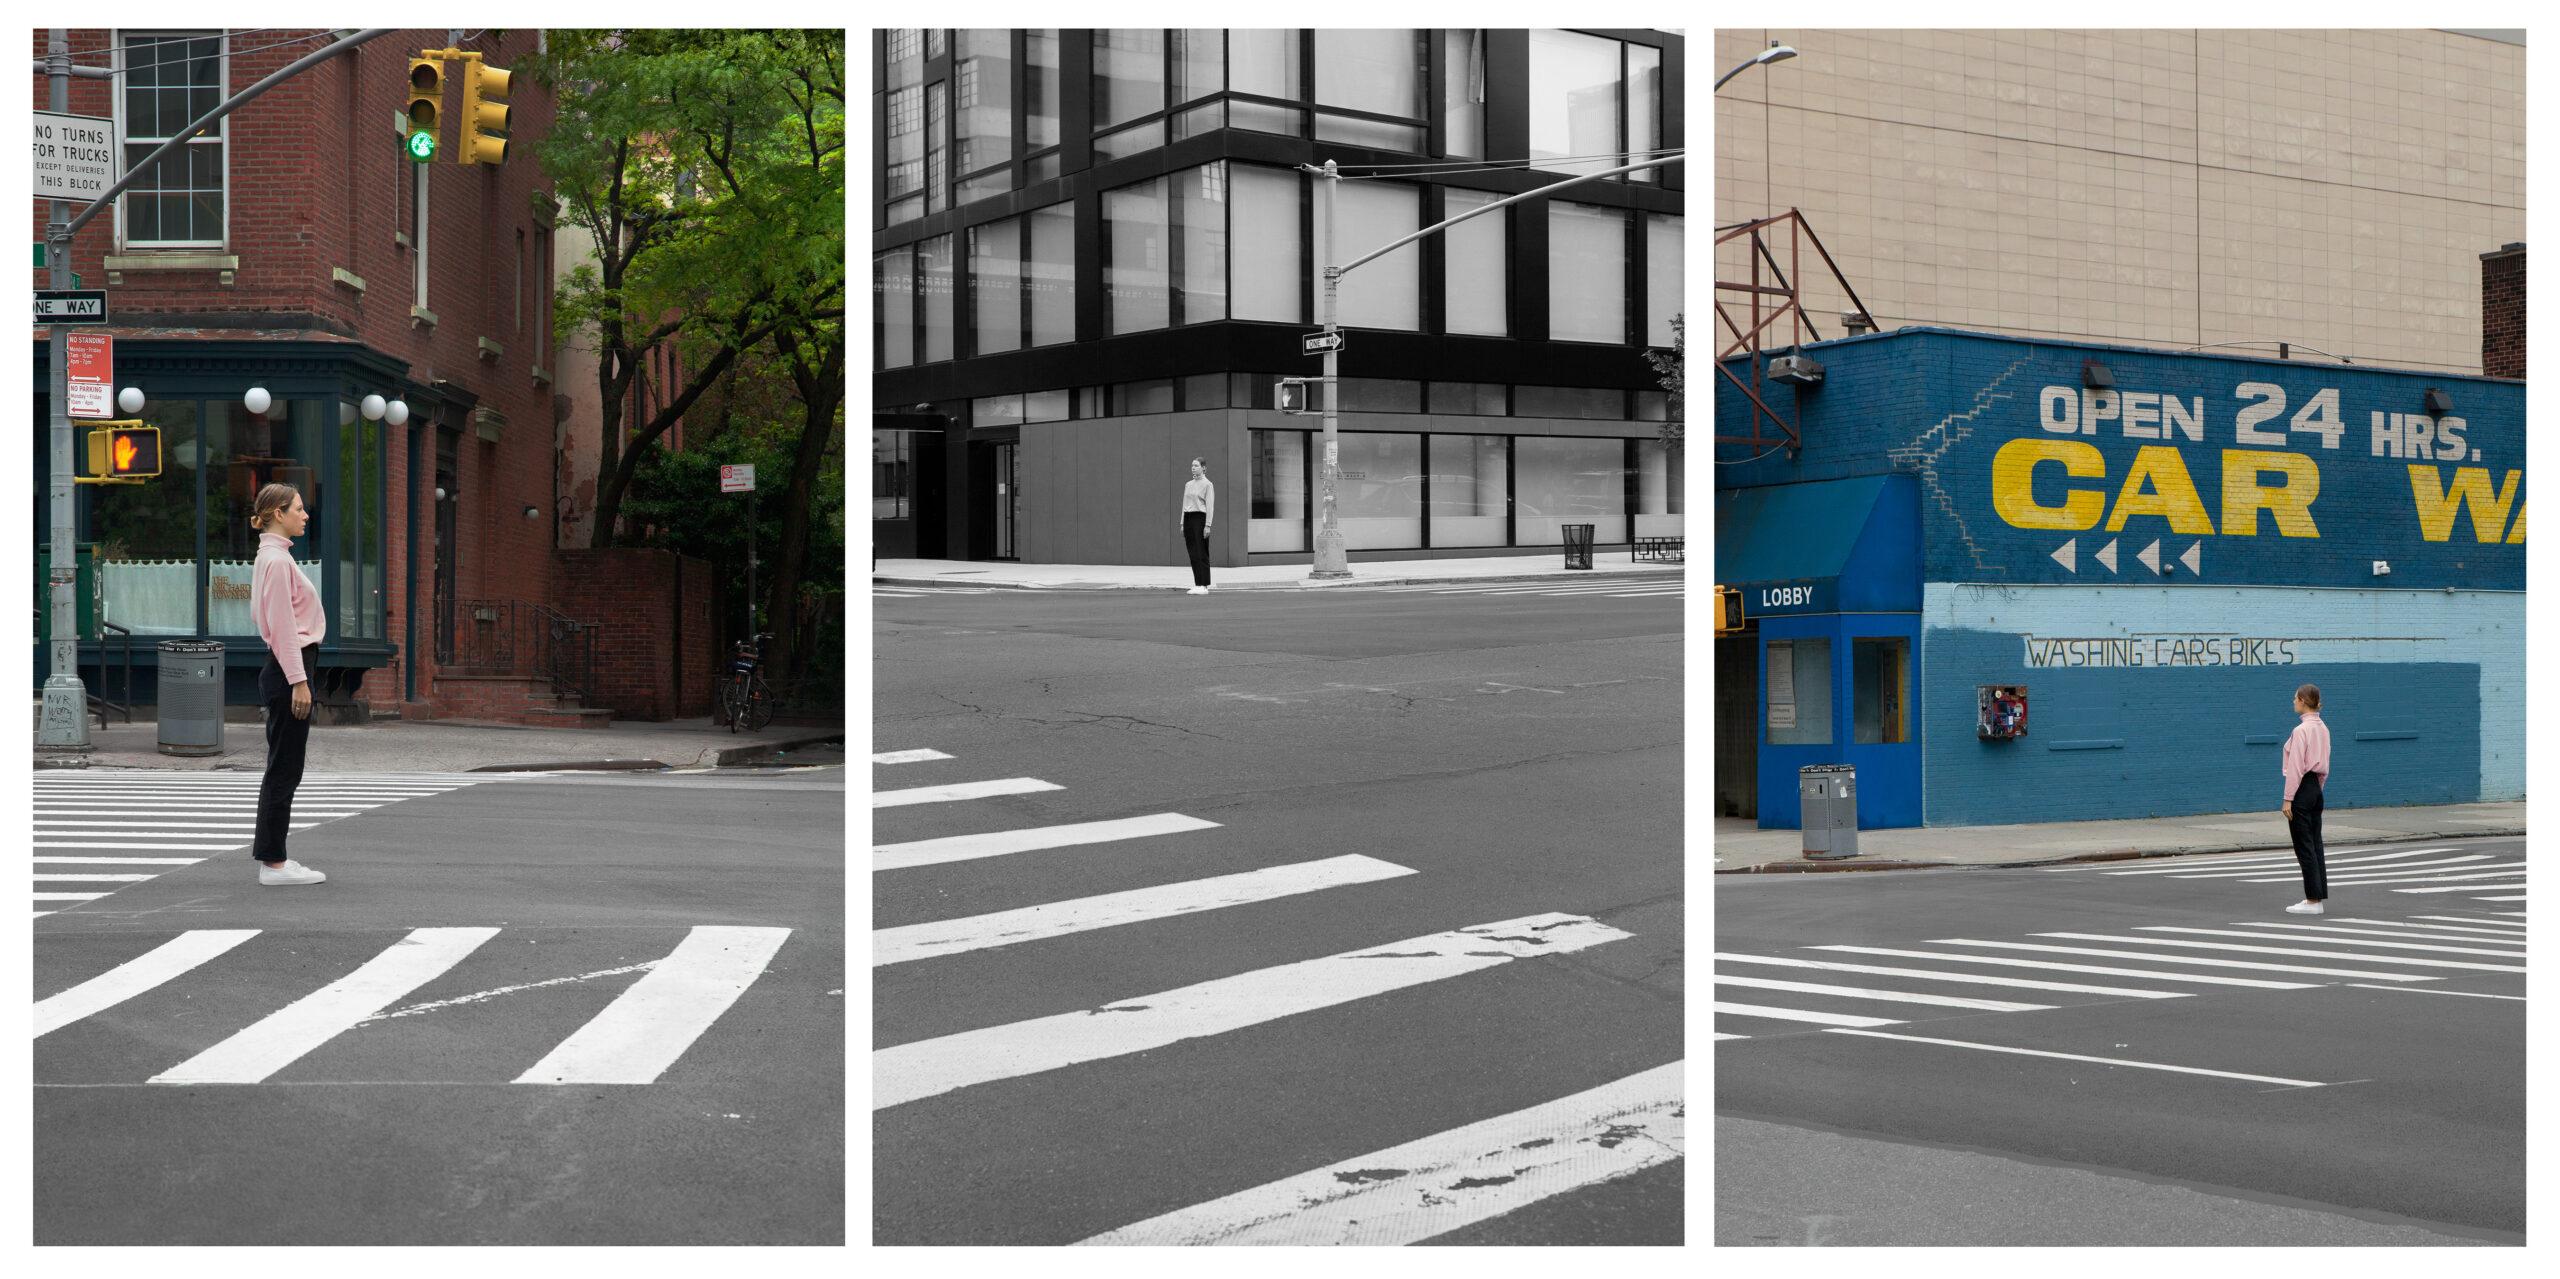 » Exposure #155: N.Y.C., 10th Avenue & 24th Street, 05.23.20, 9:36 a.m.